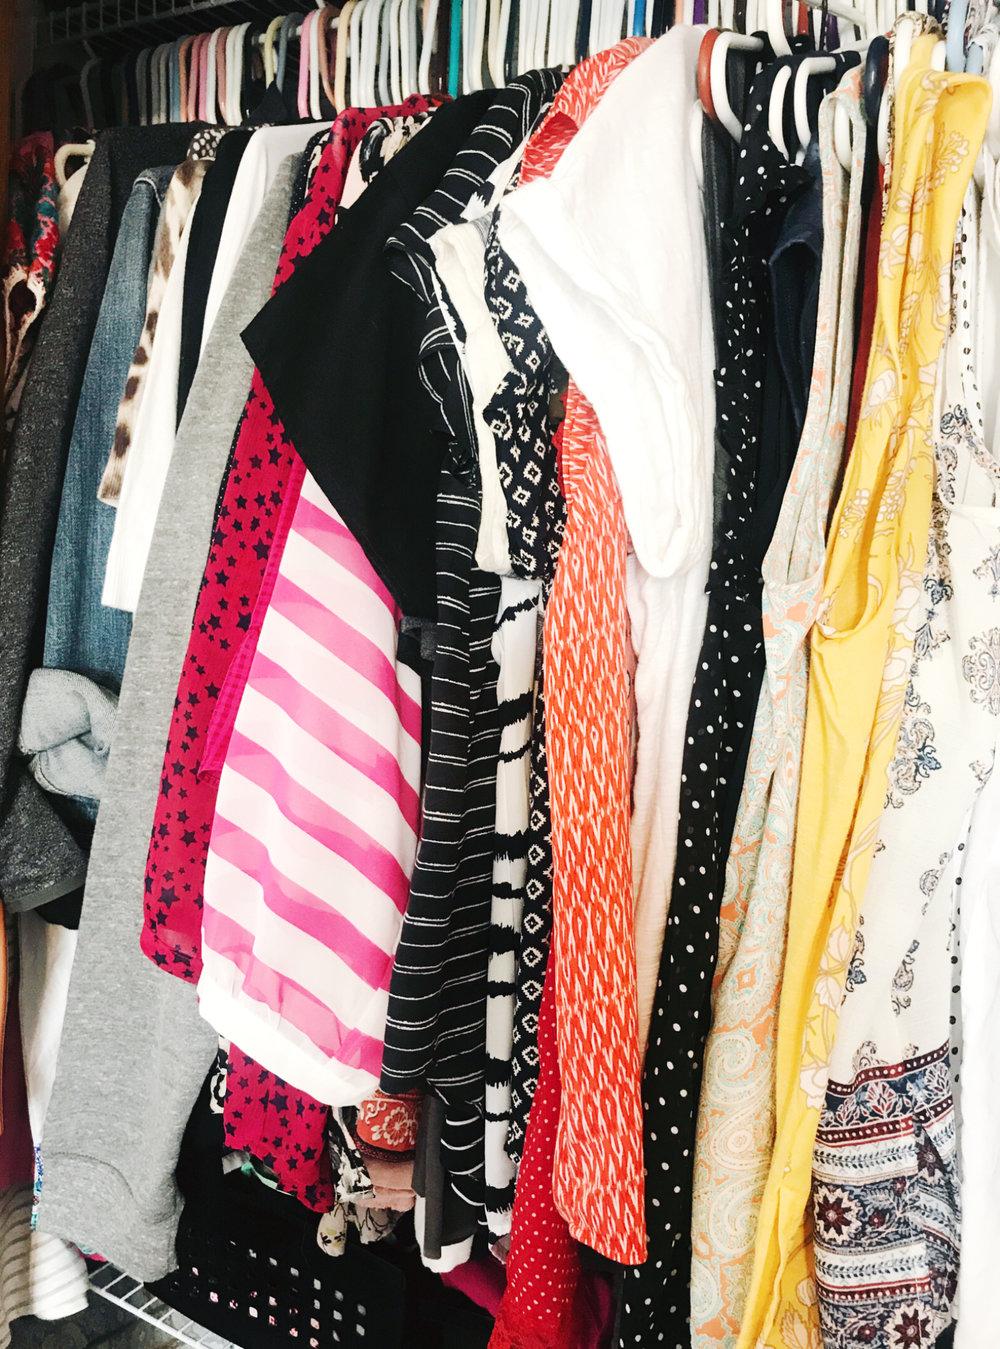 Get easy steps to makeover your closet at hprallandco.com